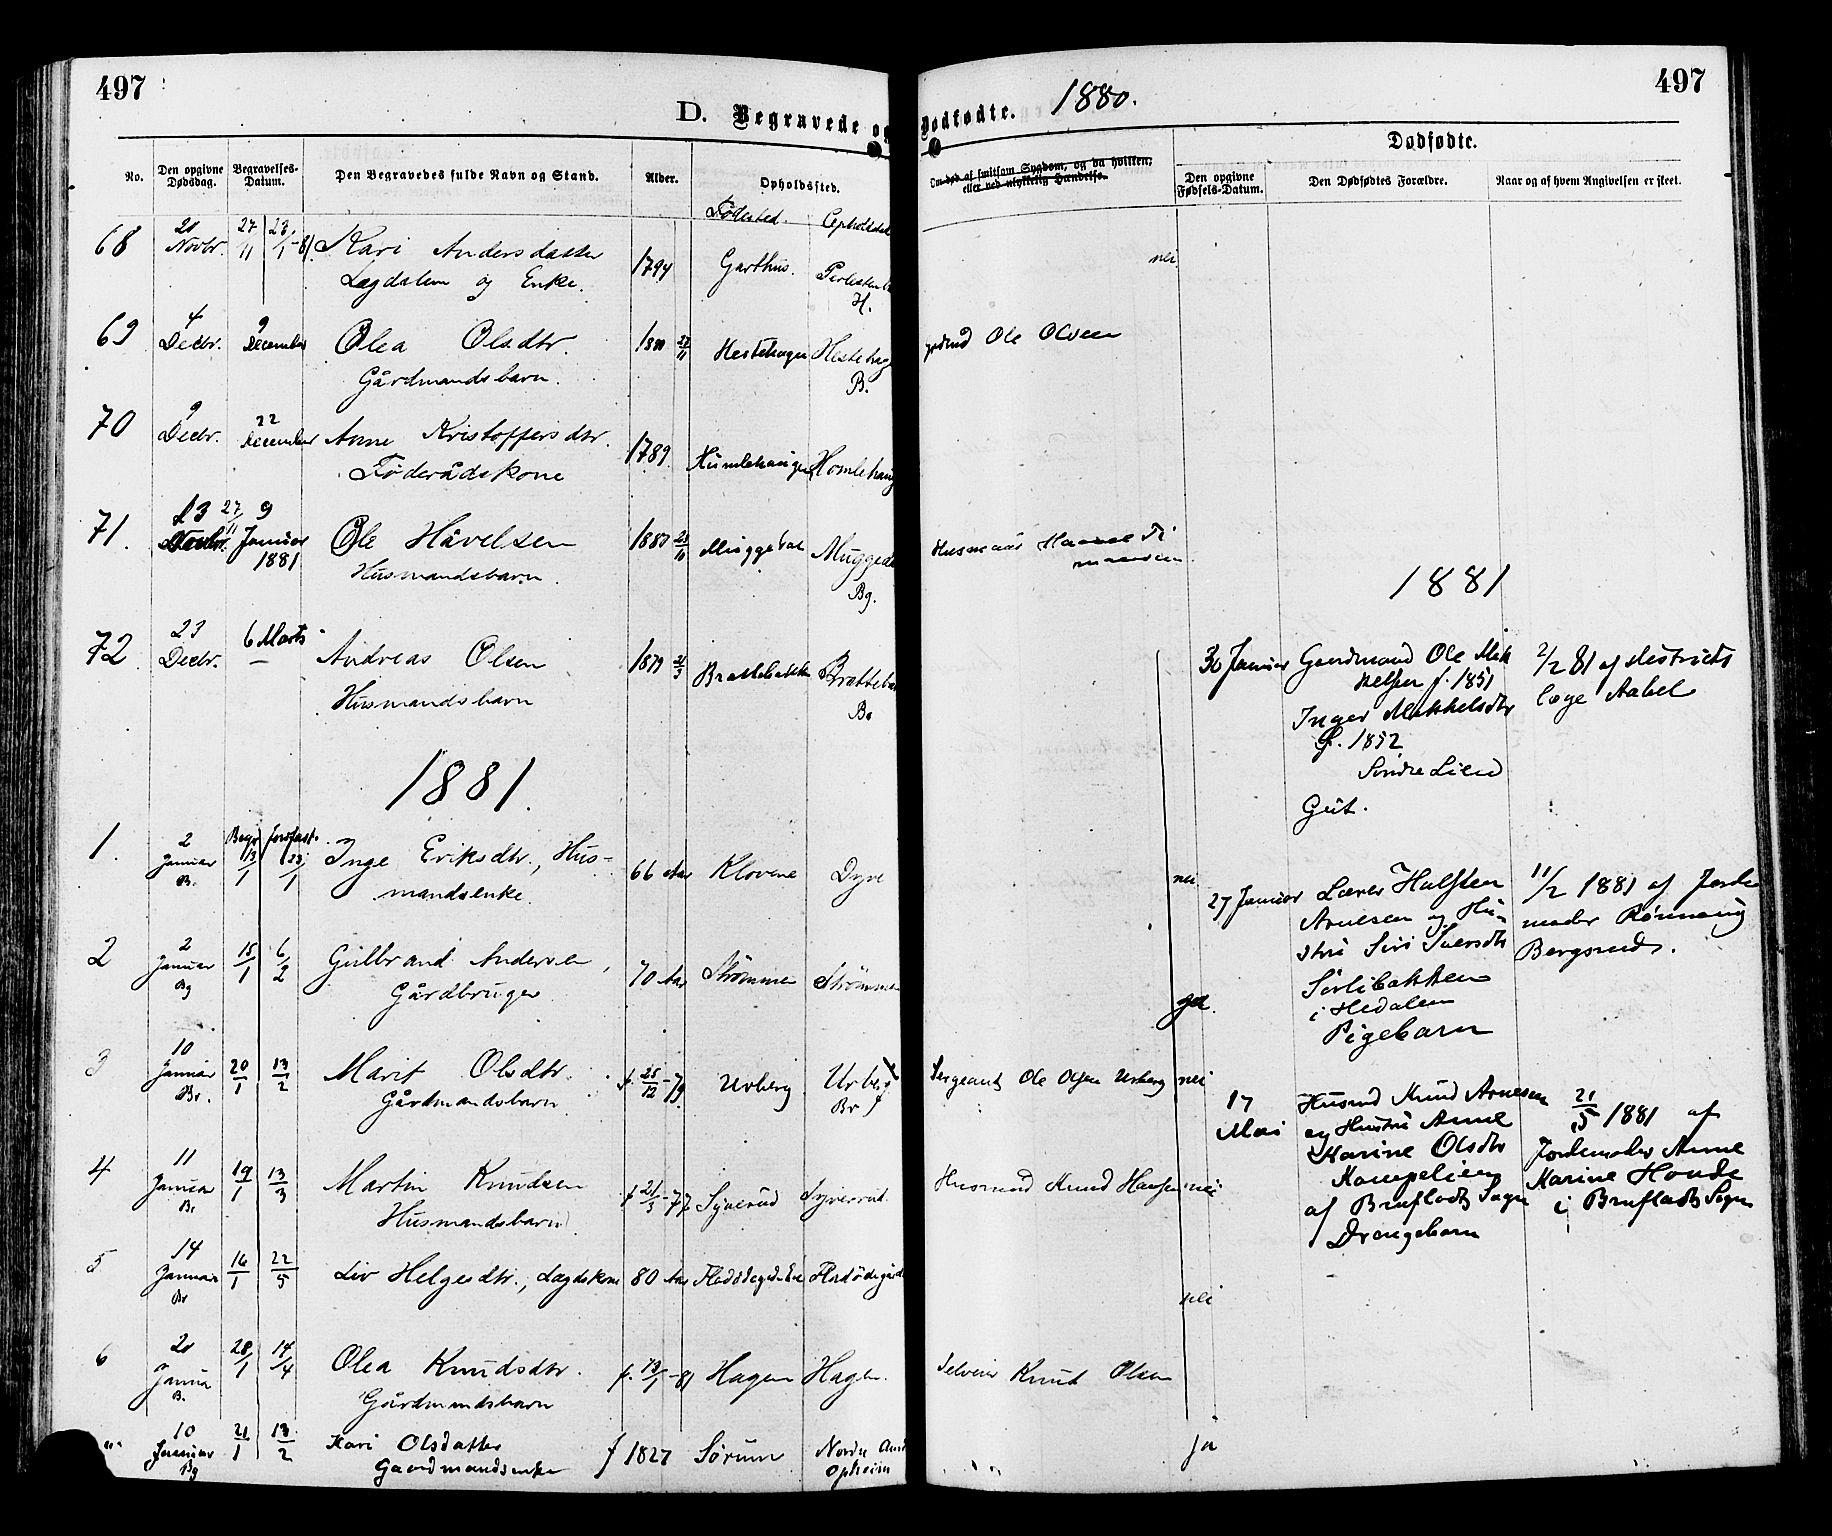 SAH, Sør-Aurdal prestekontor, Ministerialbok nr. 8, 1877-1885, s. 497